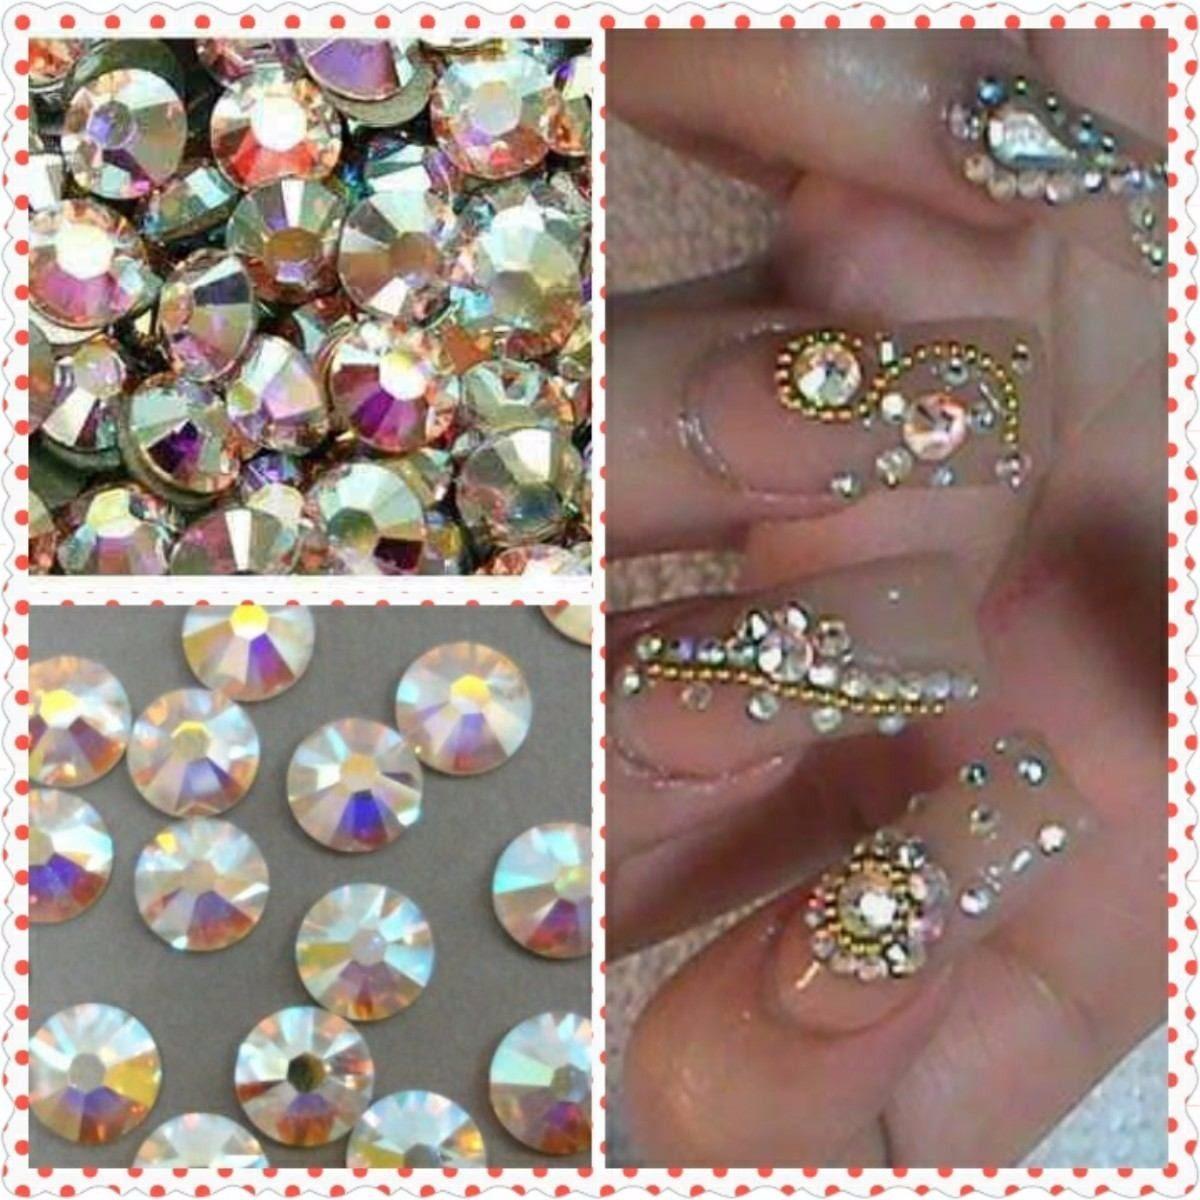 1440 piedras 8 100 cristal decoracion uas tipo swarovski - Decoracin De Uas